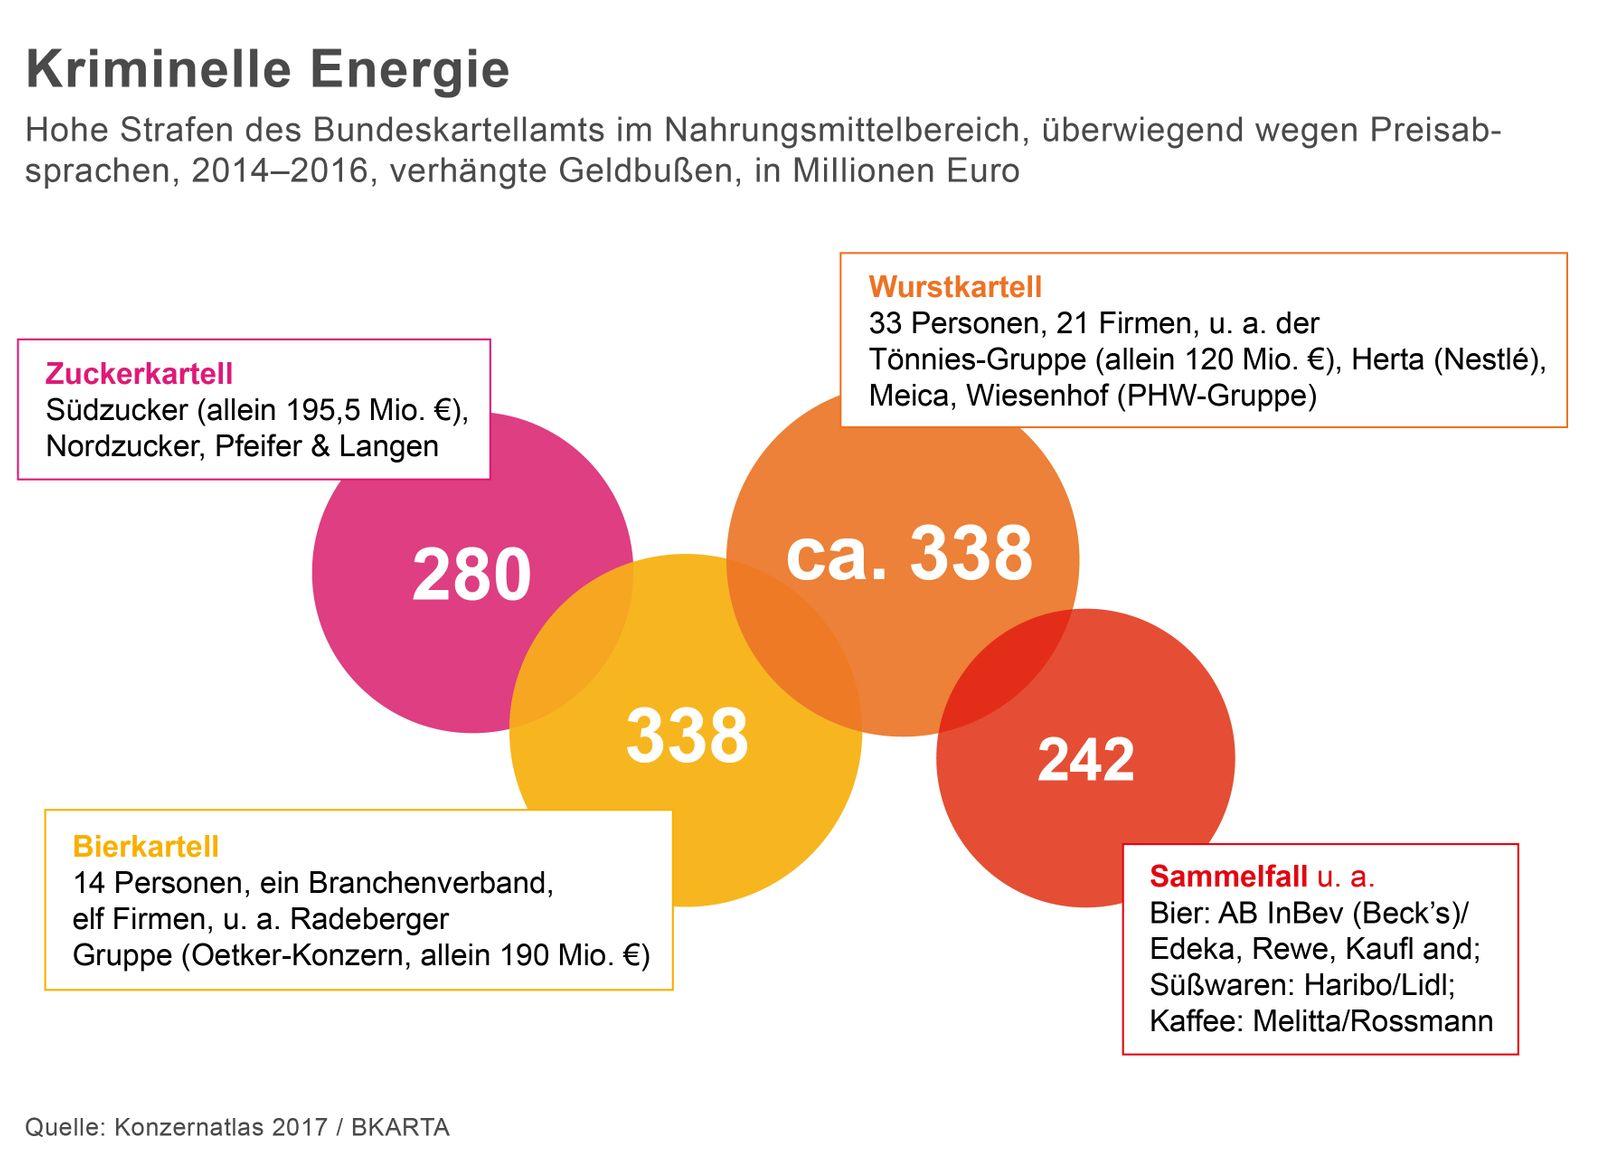 BUND | Konzernatlas 2017 | Kriminelle Energie